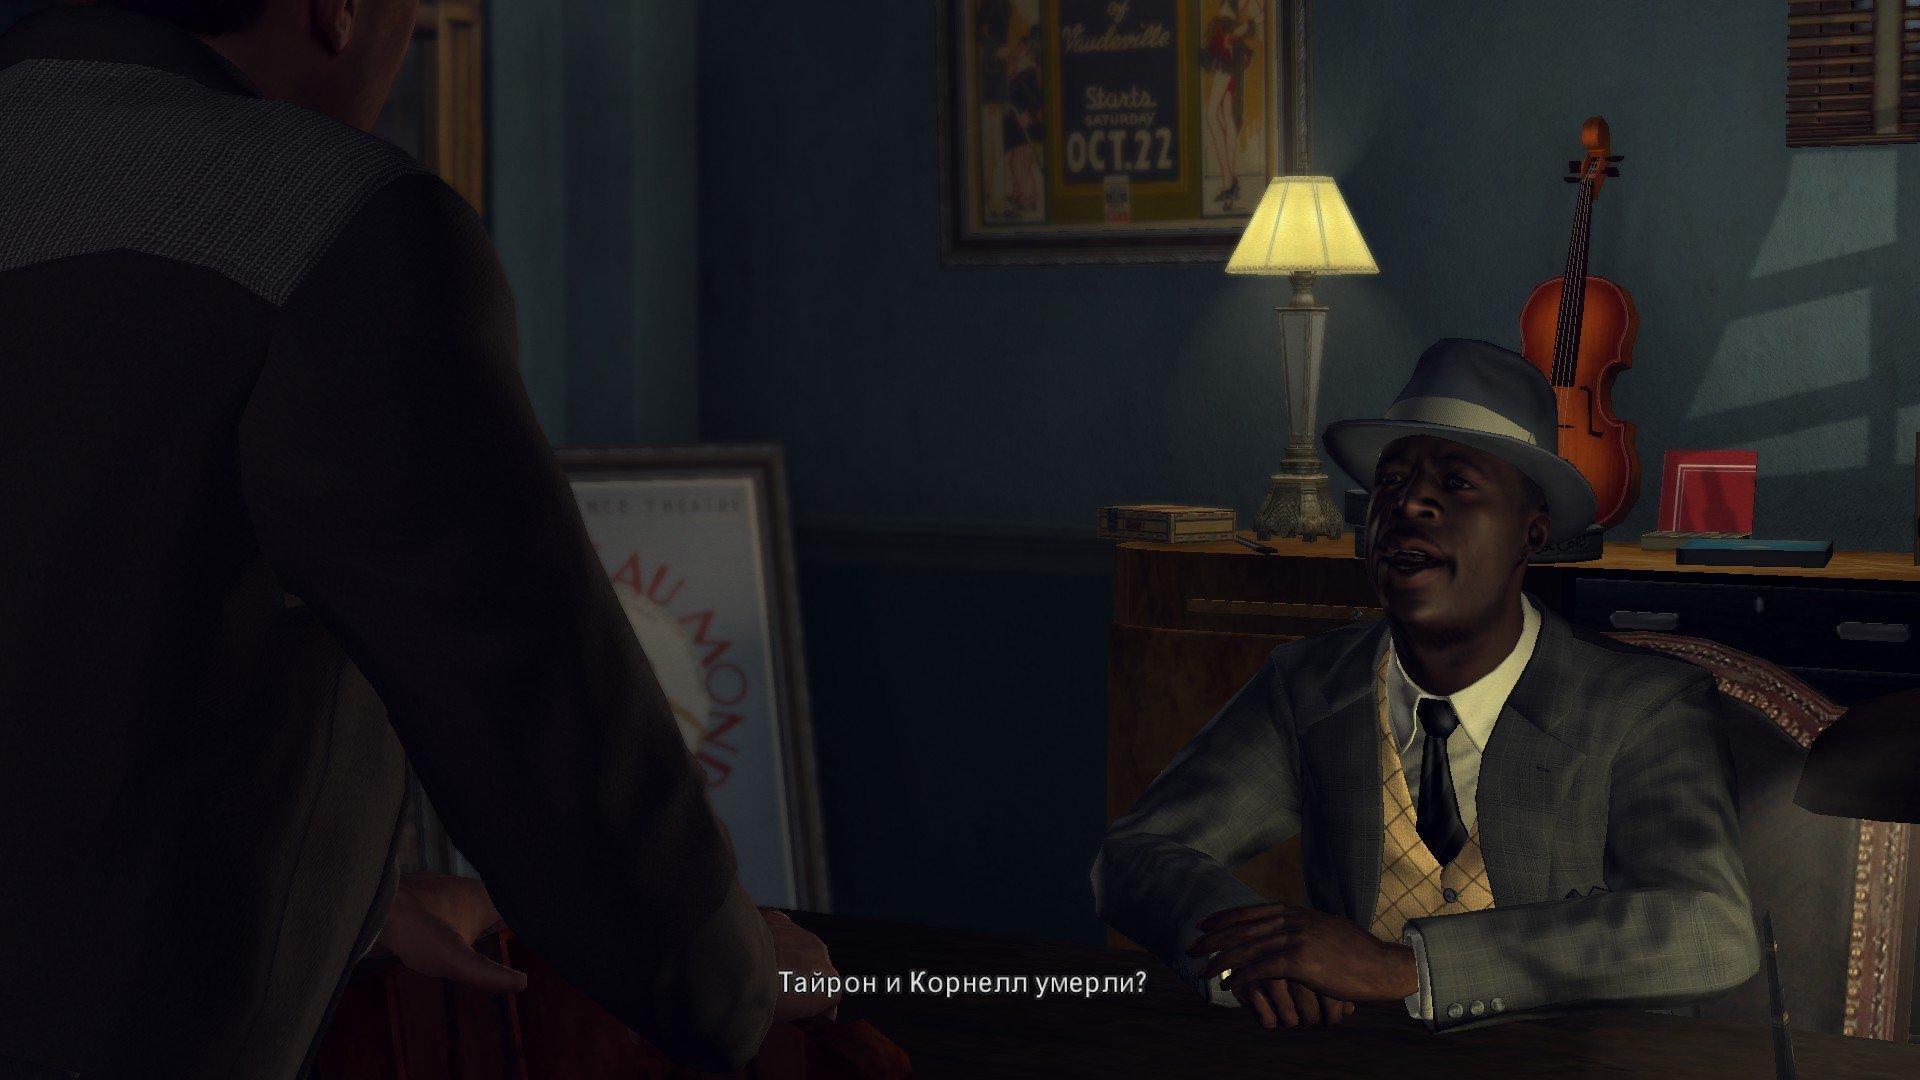 Пост-прохождение L.A. Noire Часть 14 - Изображение 36